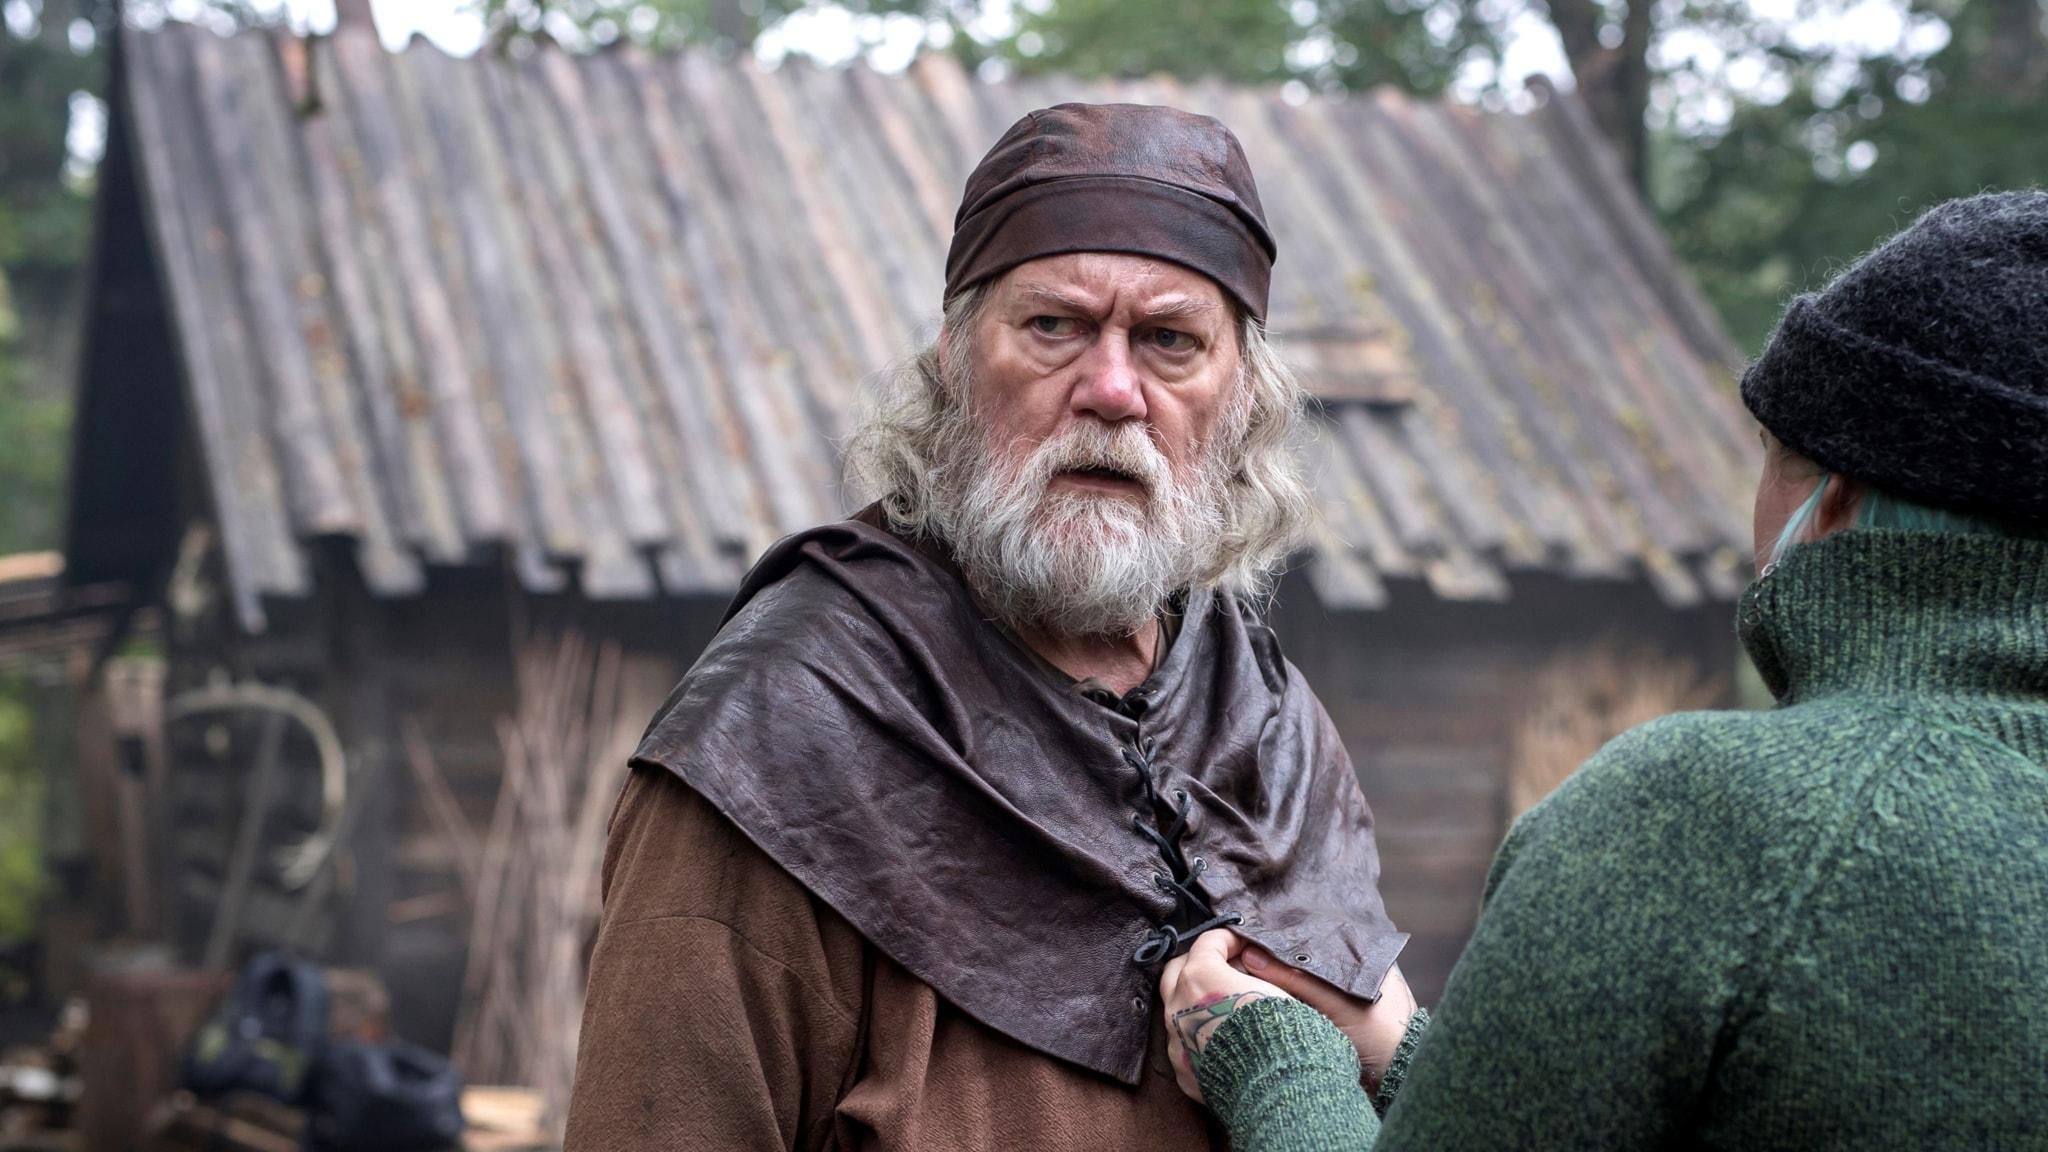 Vikingakläder avslöjar muslimskt inflytande